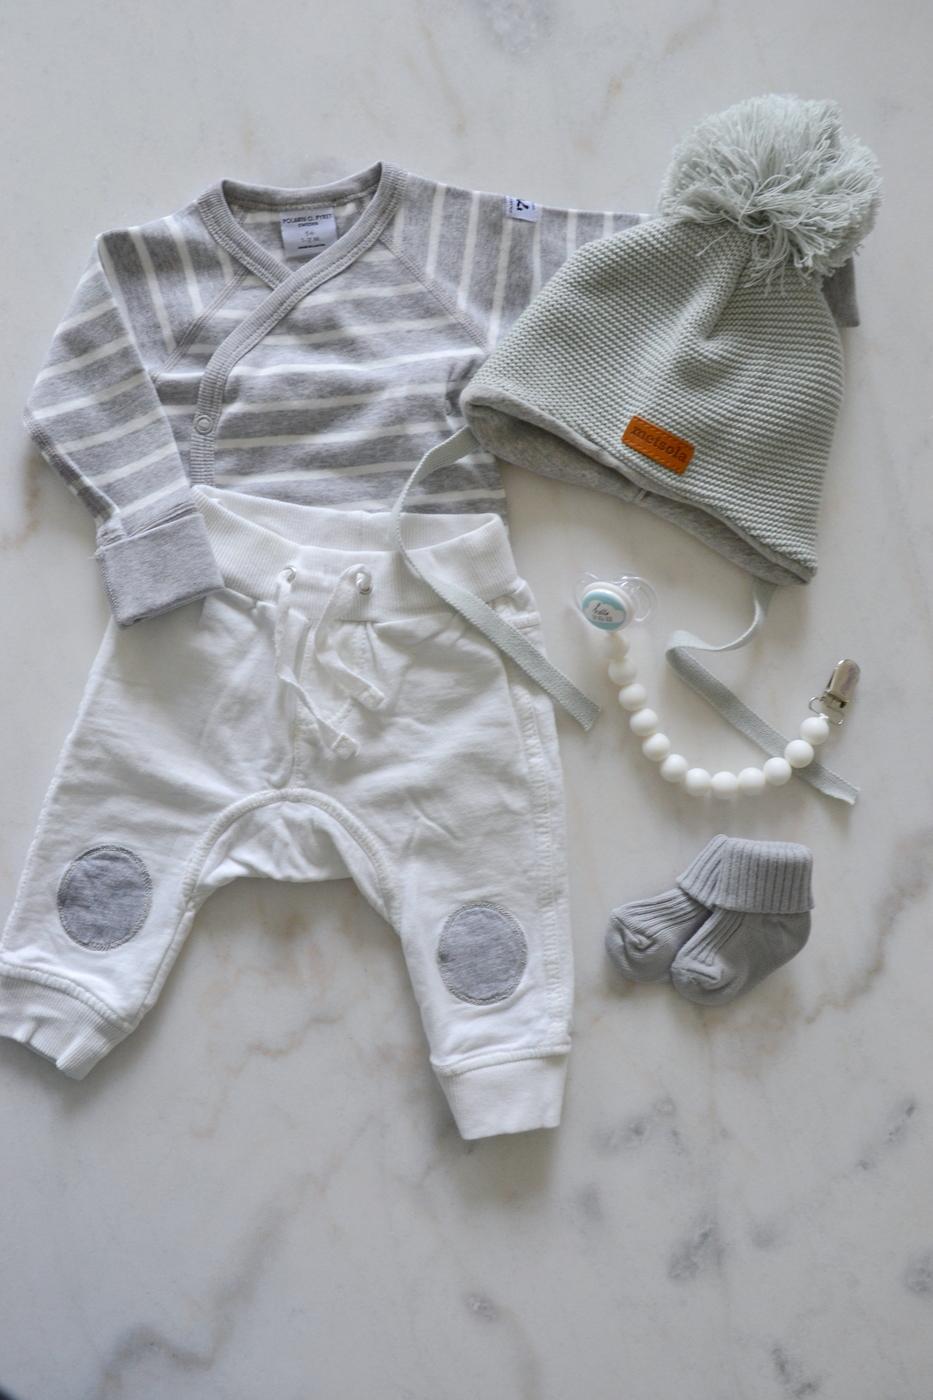 Vauvan hankinnat osa1: Vaatteet